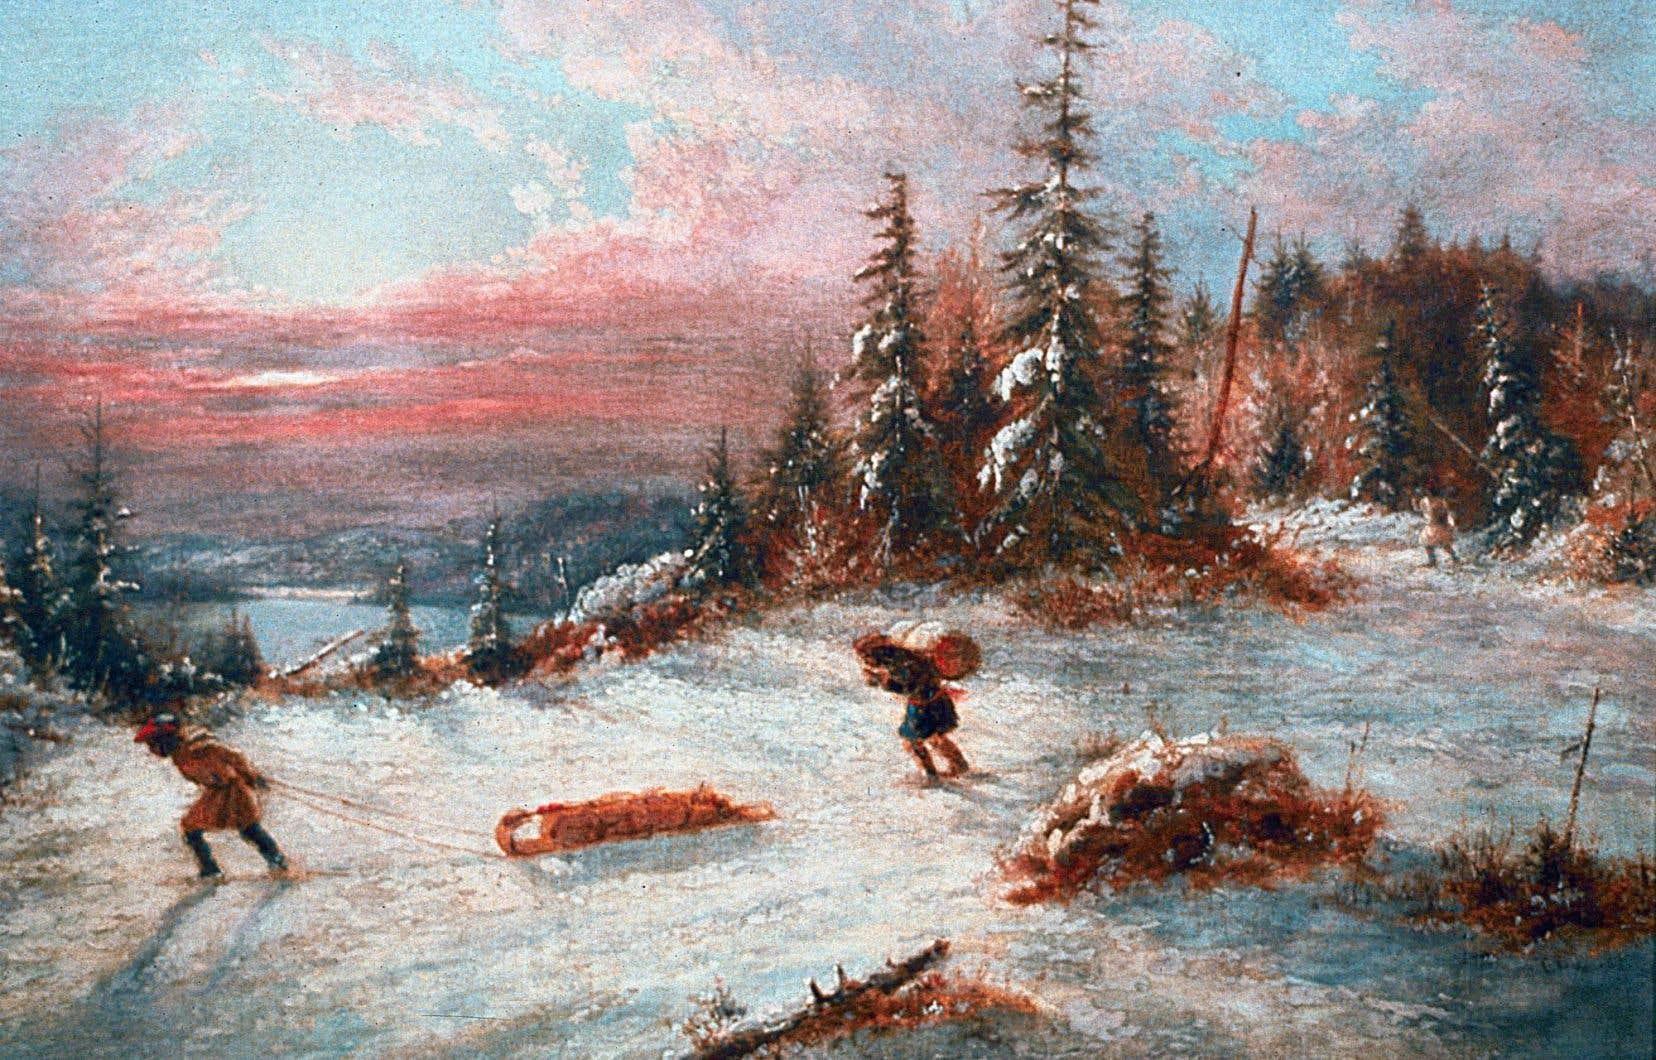 Détail du tableau «Coureurs des bois au coucher du soleil, en hiver», de Cornelius Krieghoff (1815-1872). L'oeuvre est un legs d'Arnold Wainwright.